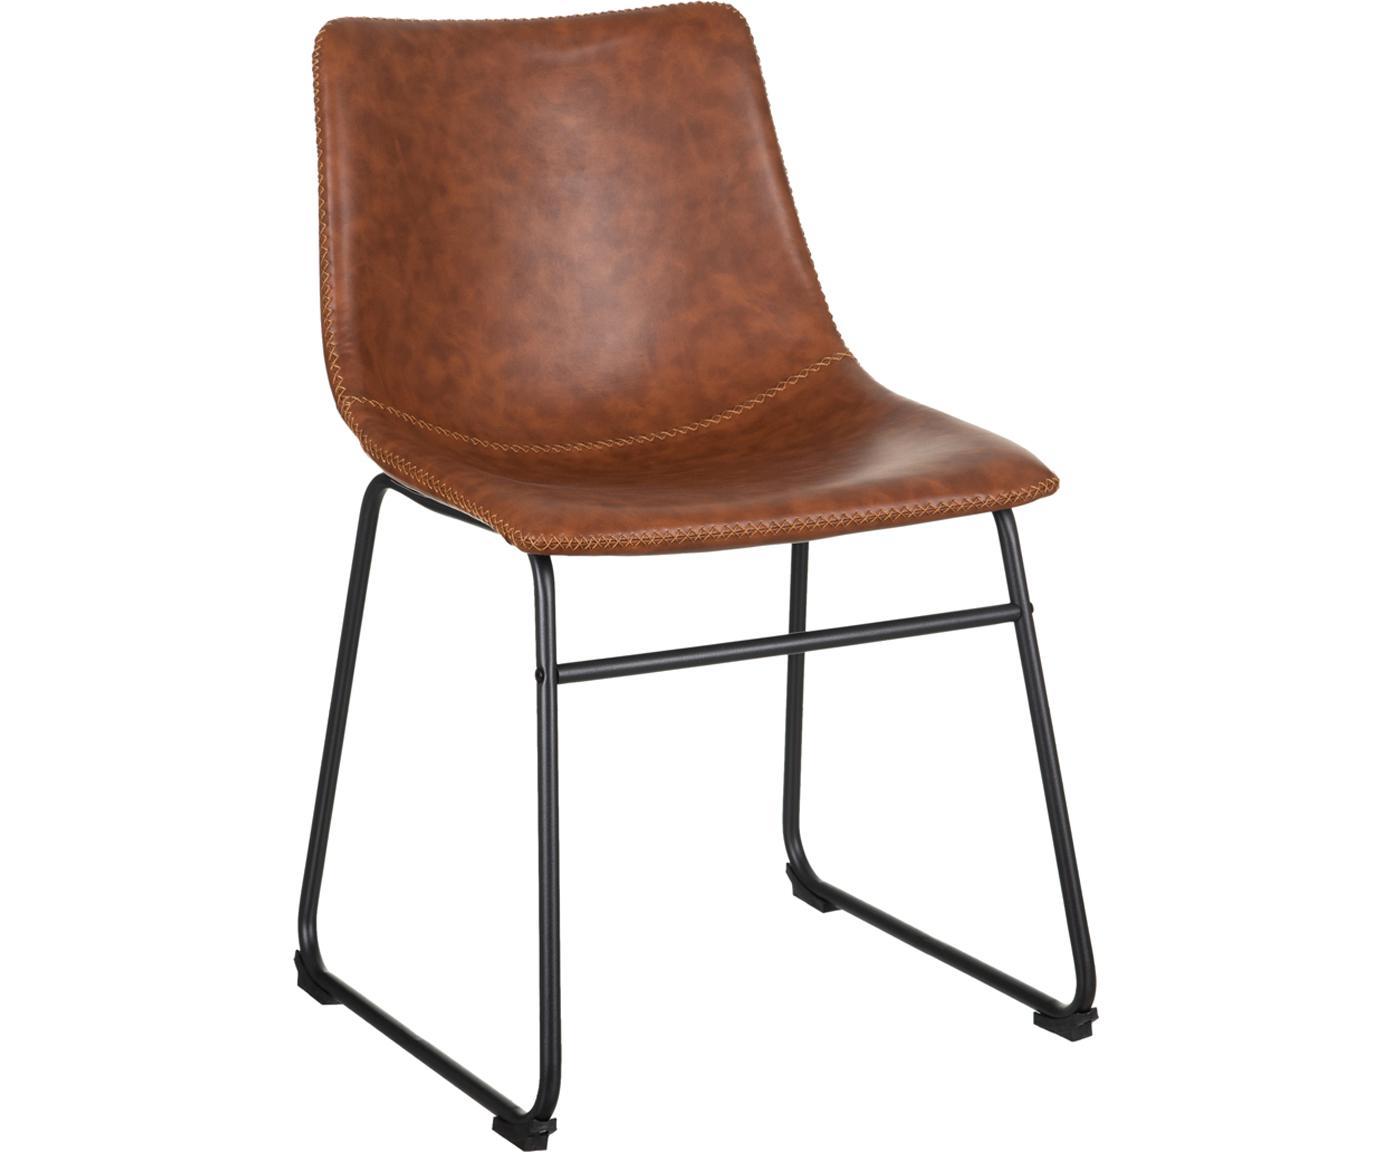 Sedia imbottita in similpelle Almeria, Poliuretano, metallo, Marrone, nero, Larg. 54 x Prof. 48 cm